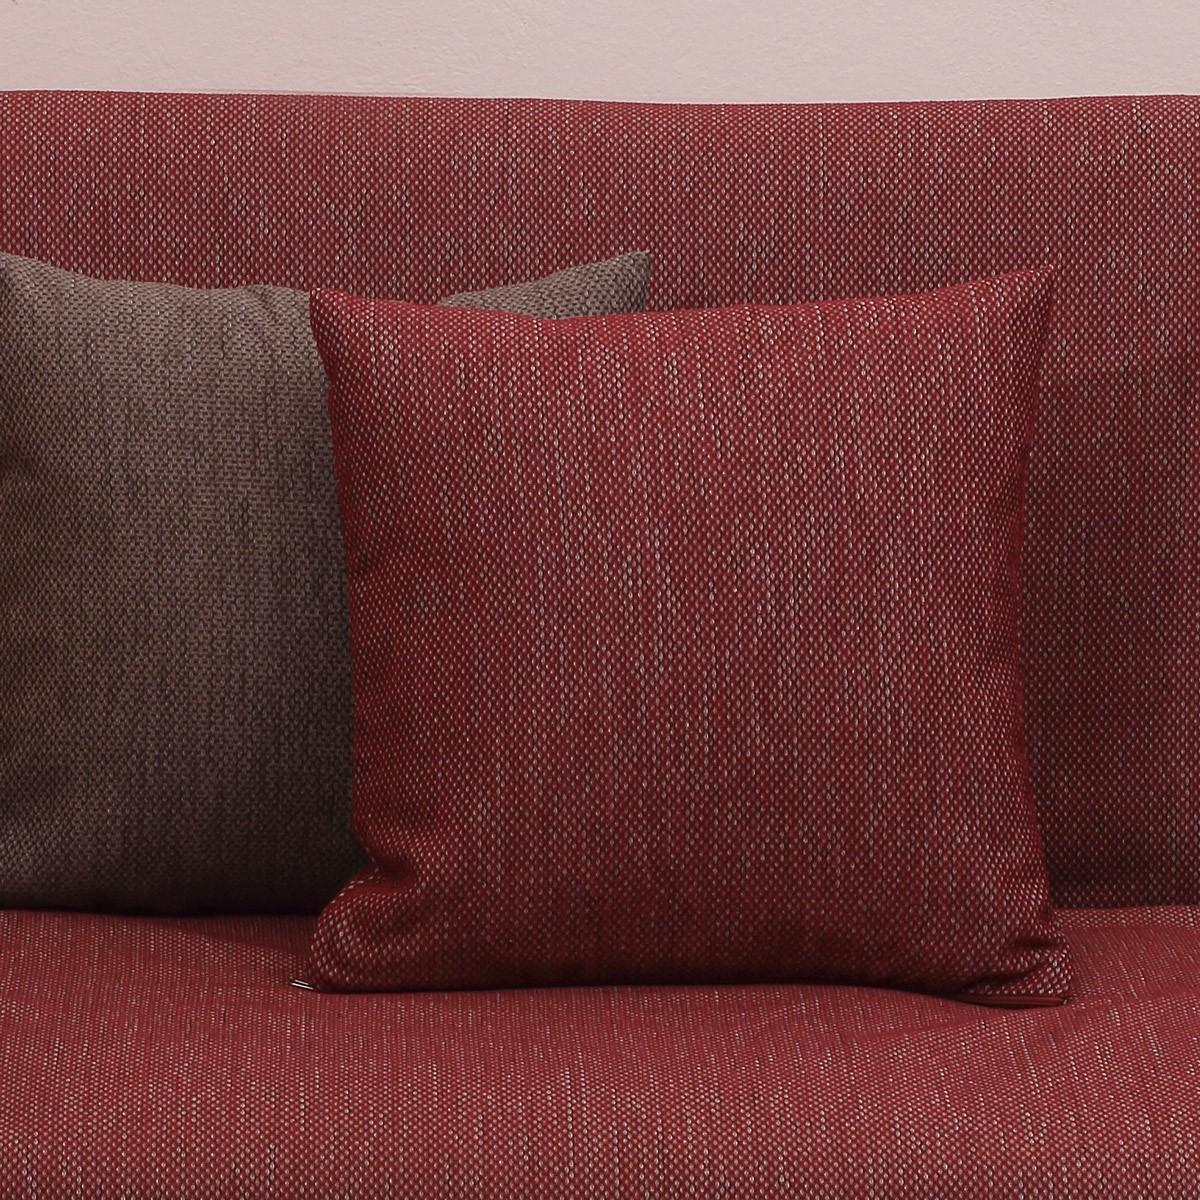 Διακοσμητική Μαξιλαροθήκη Viopros 2100 Κόκκινο